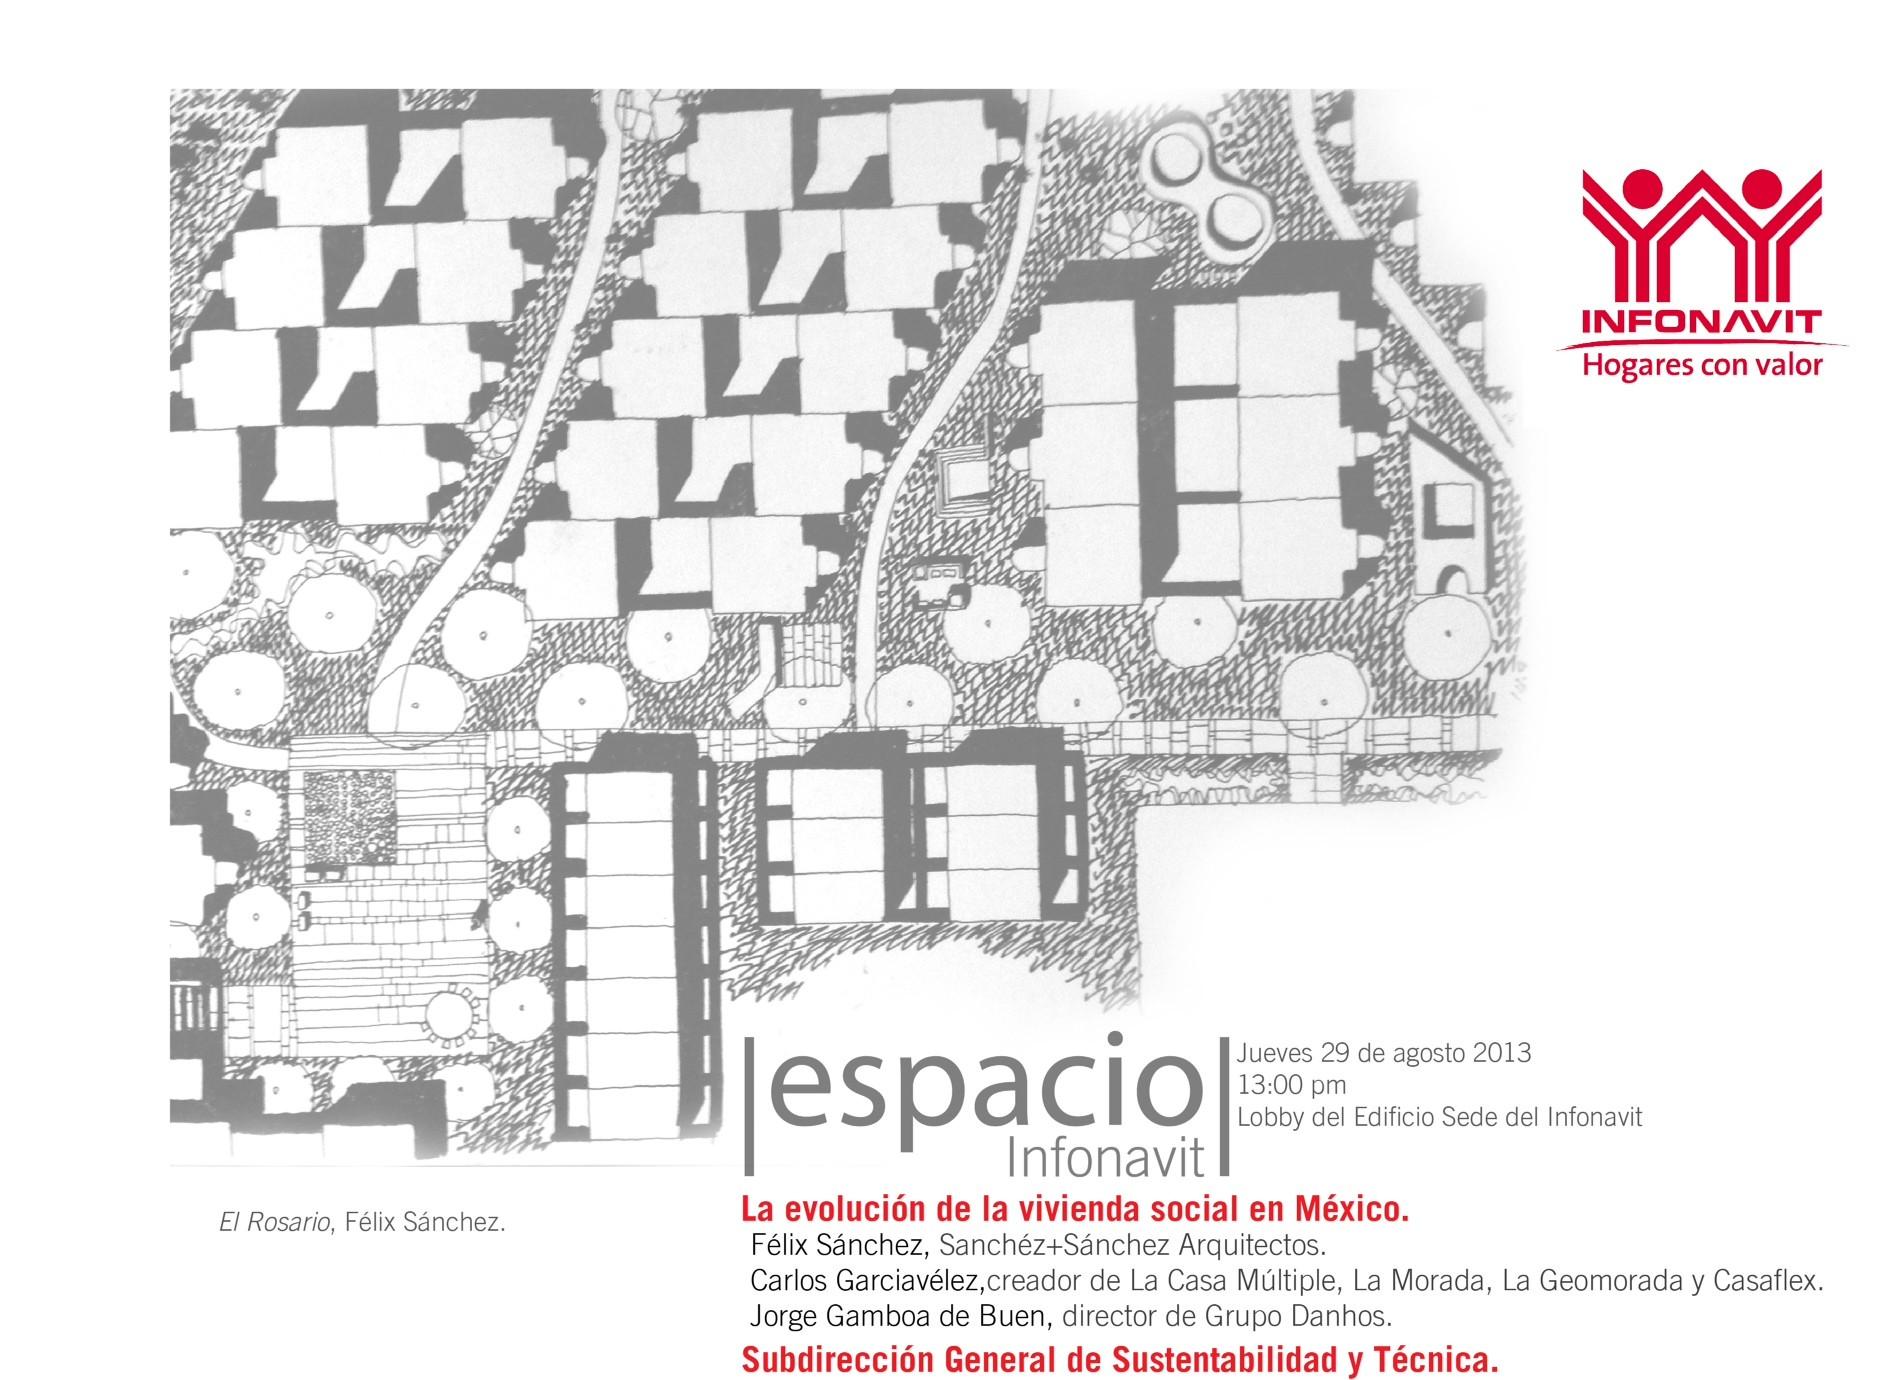 Espacio Infonavit 3 / La evolución de la vivienda social en México, Cortesía de INFONAVIT